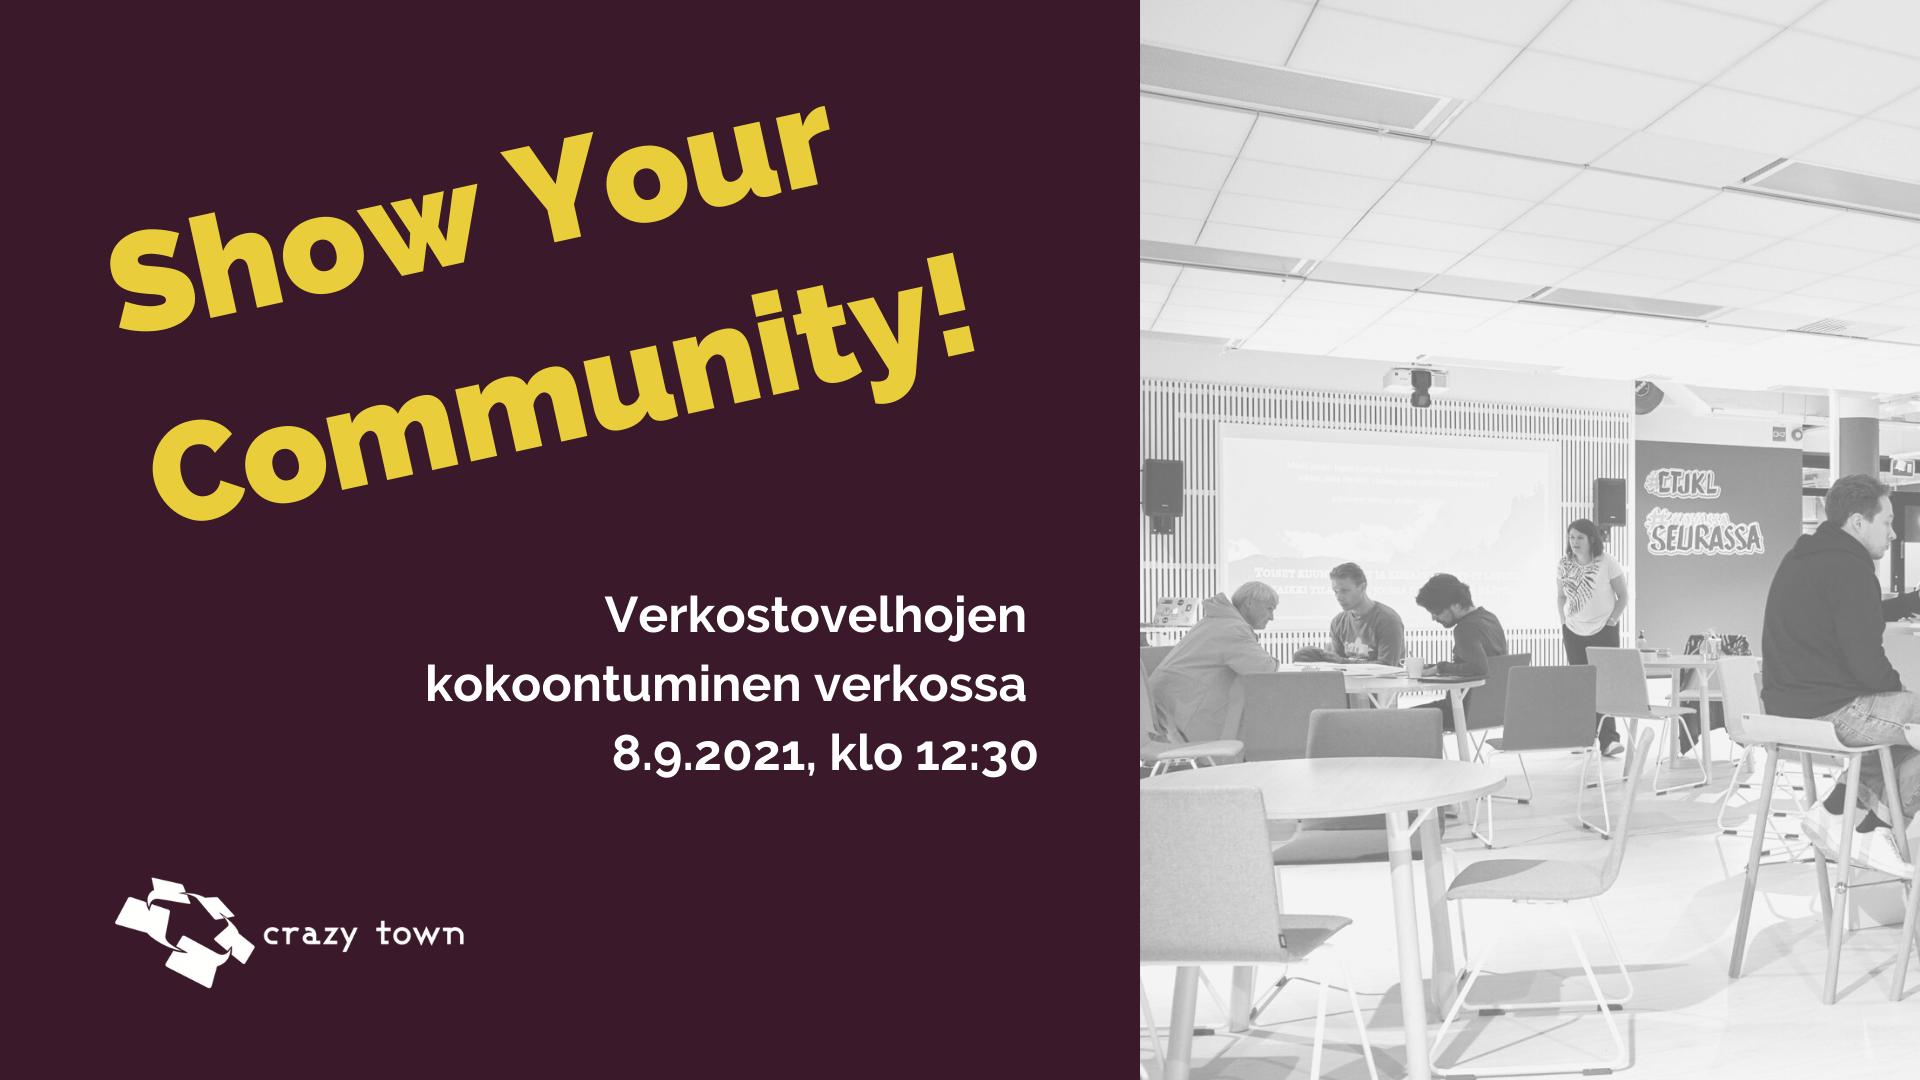 yhteisö-osaajat-kokoontuminen-verkossa